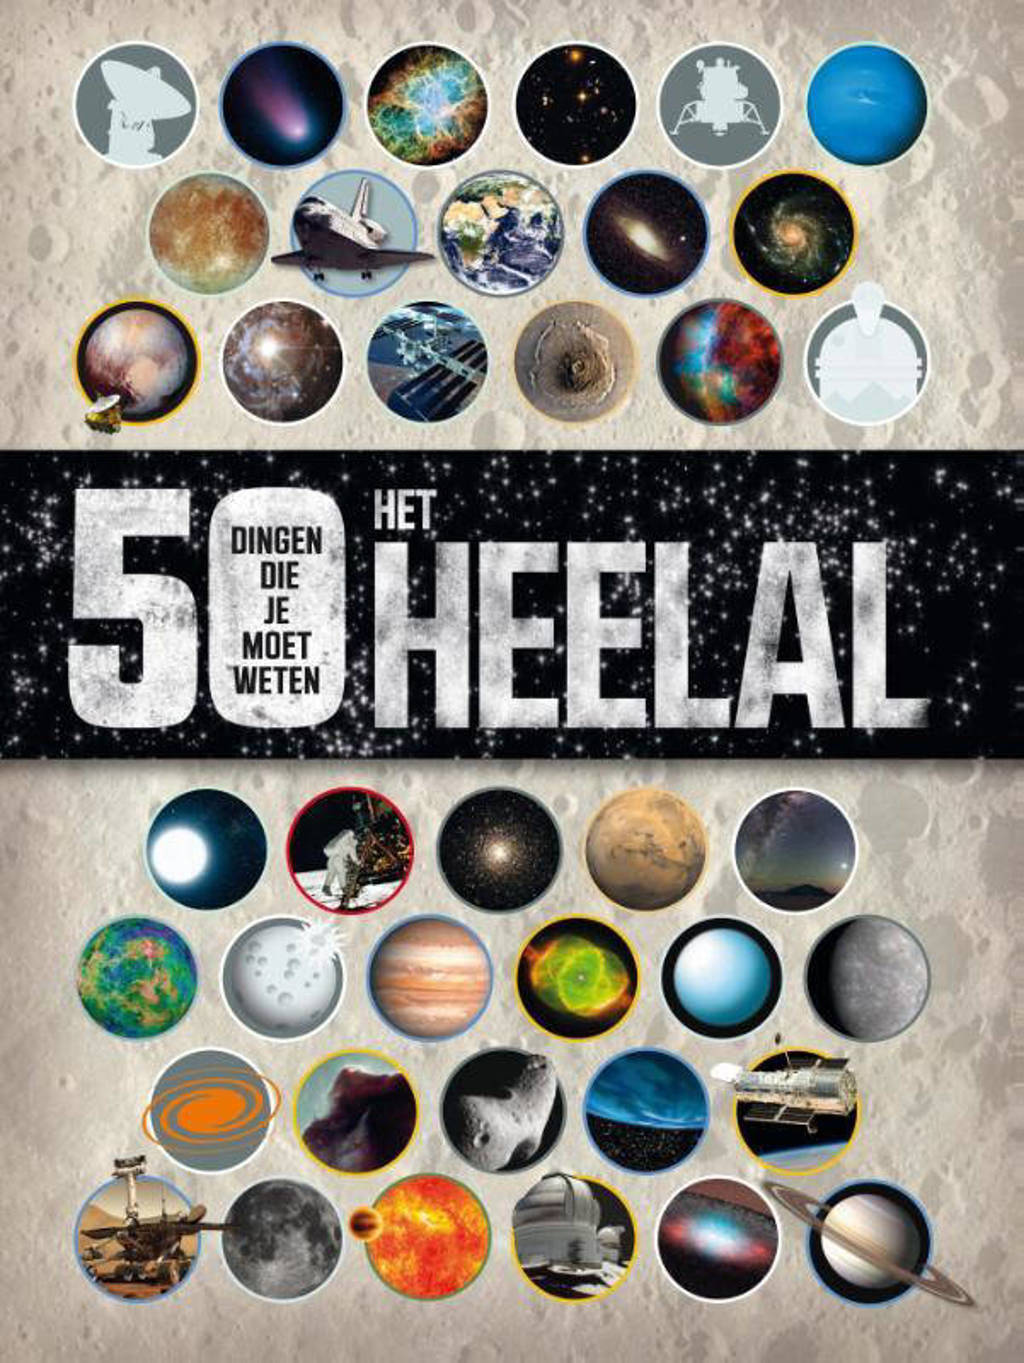 Het heelal - 50 dingen die je moet weten - Raman Prinja